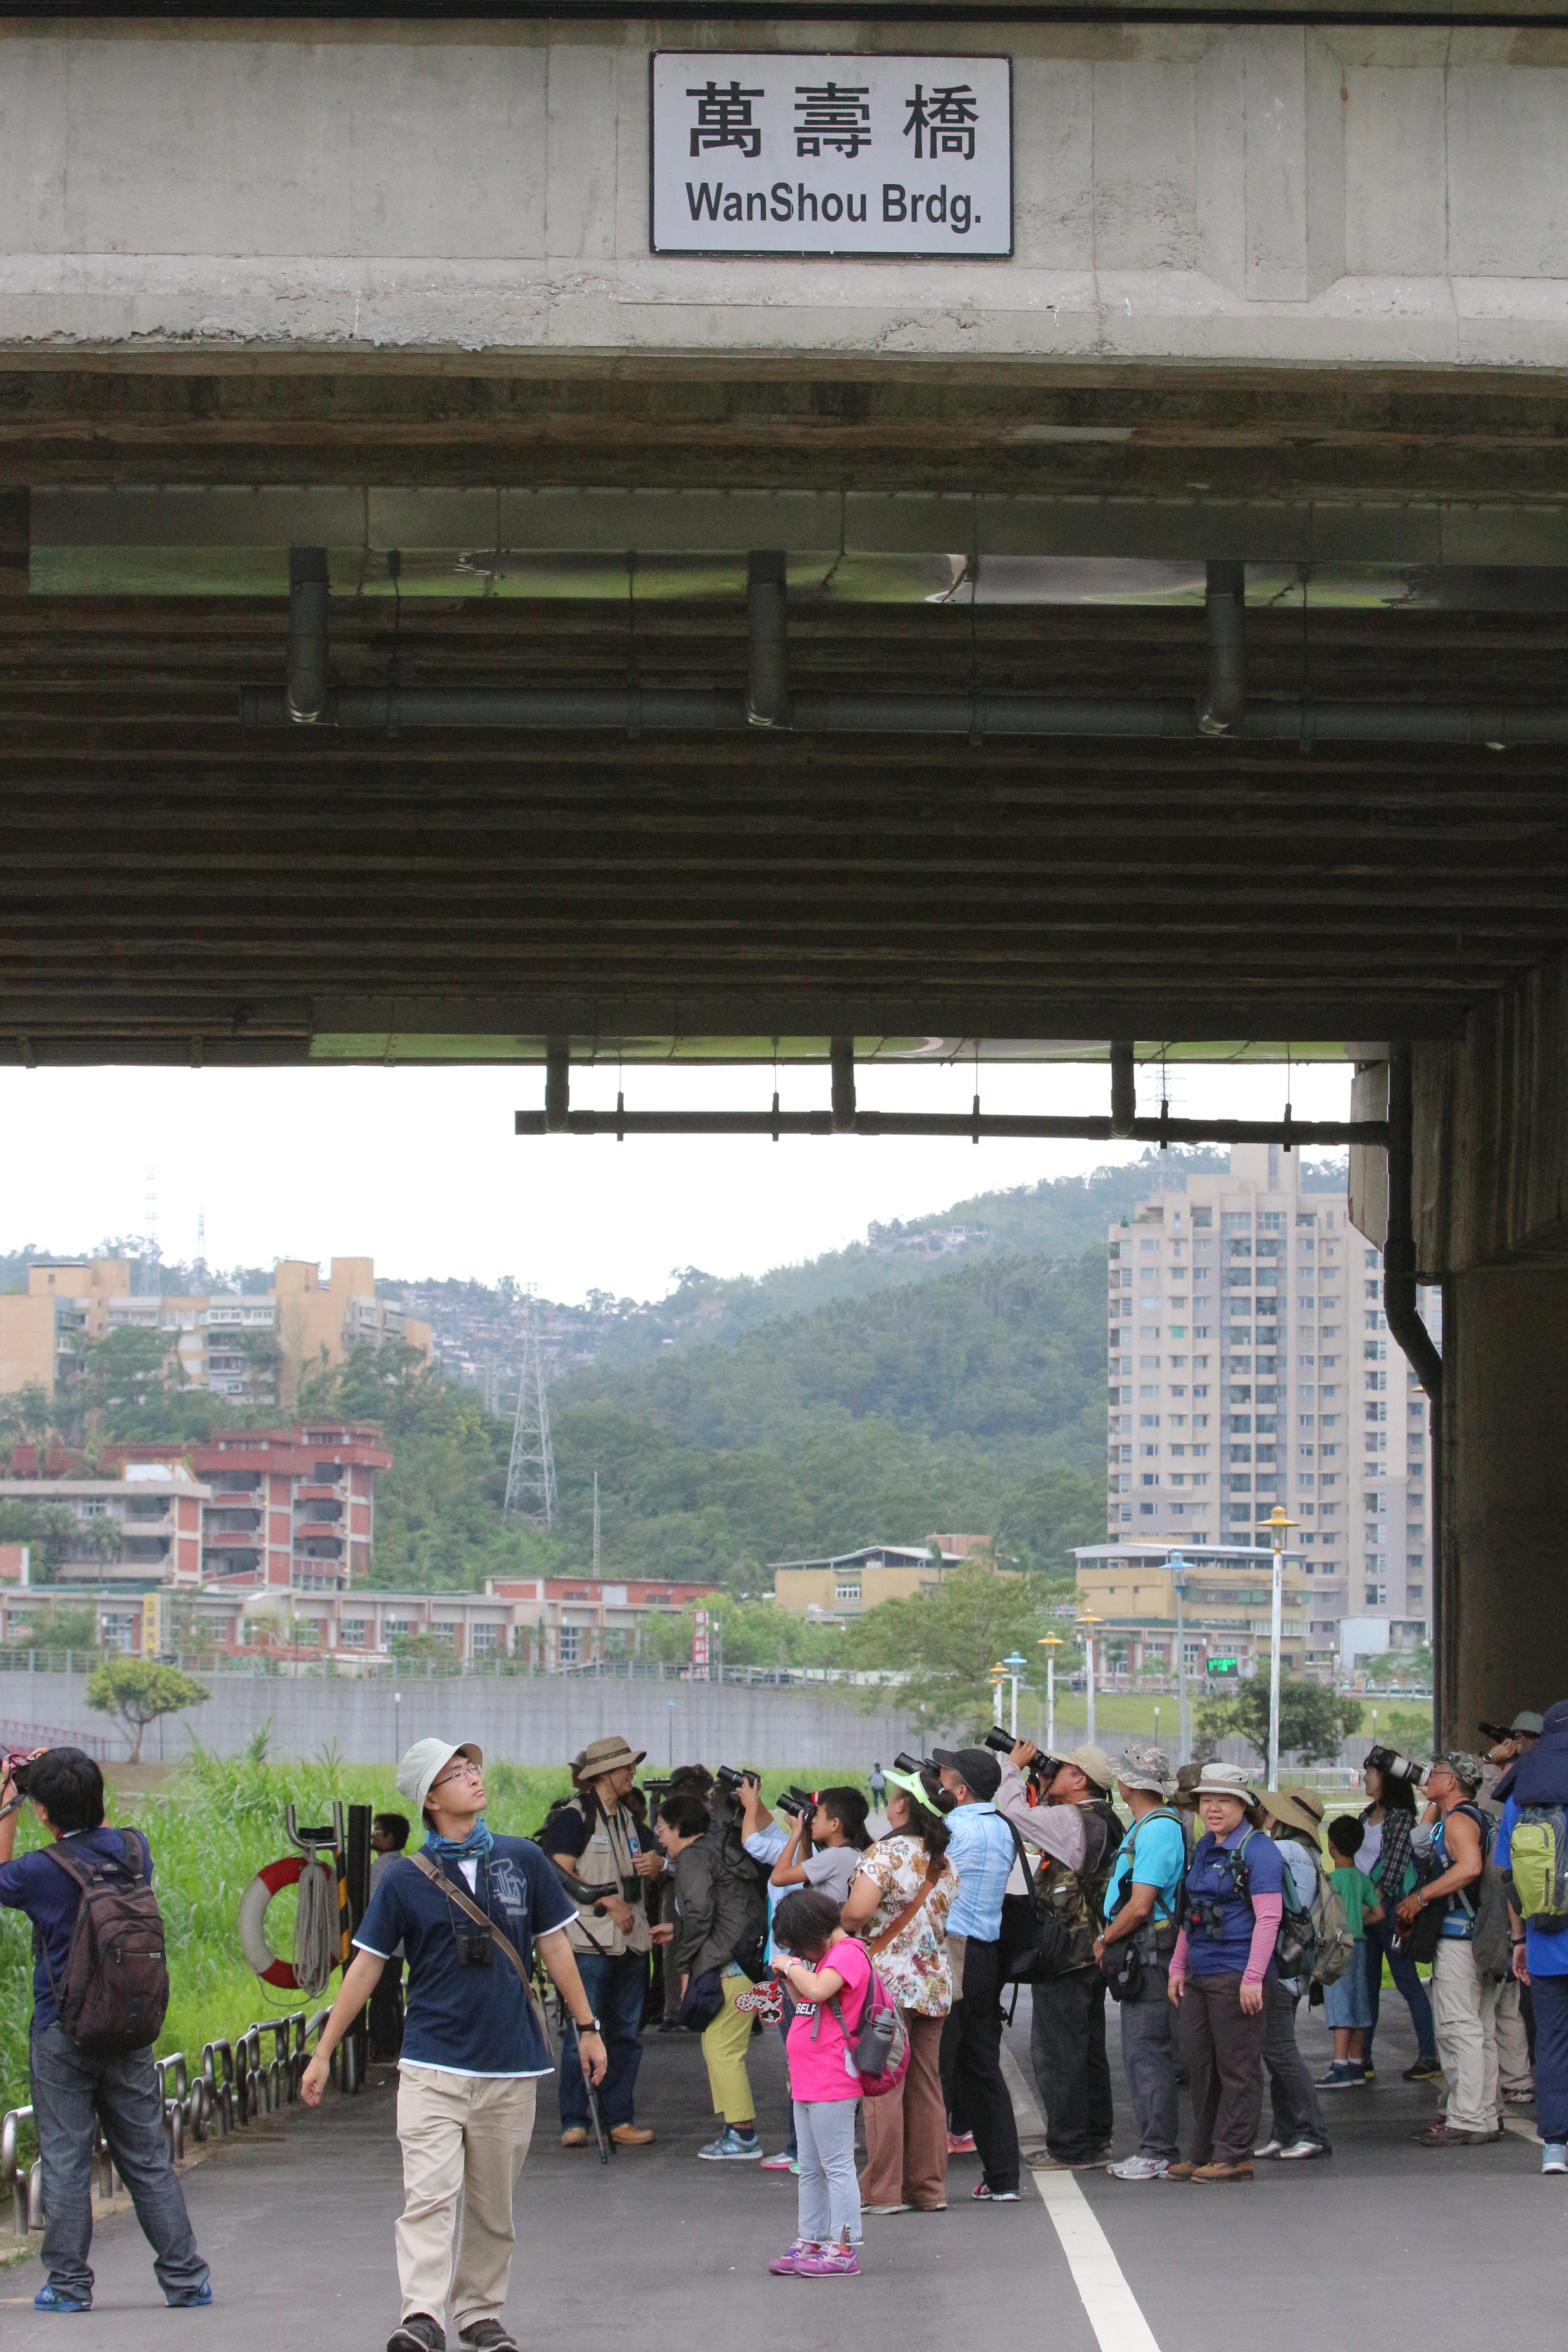 群聚在萬壽橋下賞鳥的鳥友們。 攝影/吳冠輝